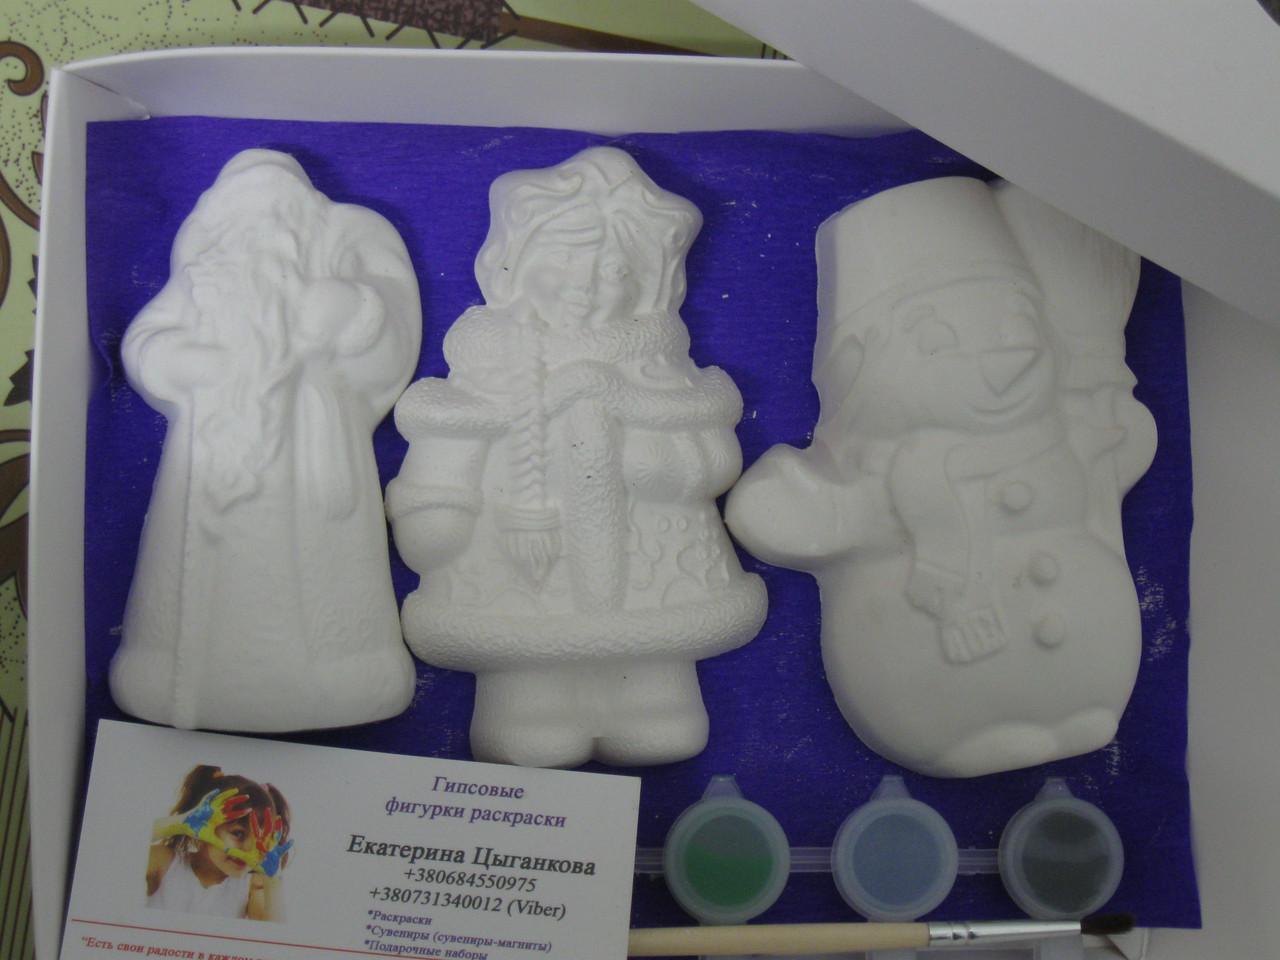 Новогодний набор гипсовых фигурок для творчества. Різдвяний набір гіпсових фігурок для творчості №30